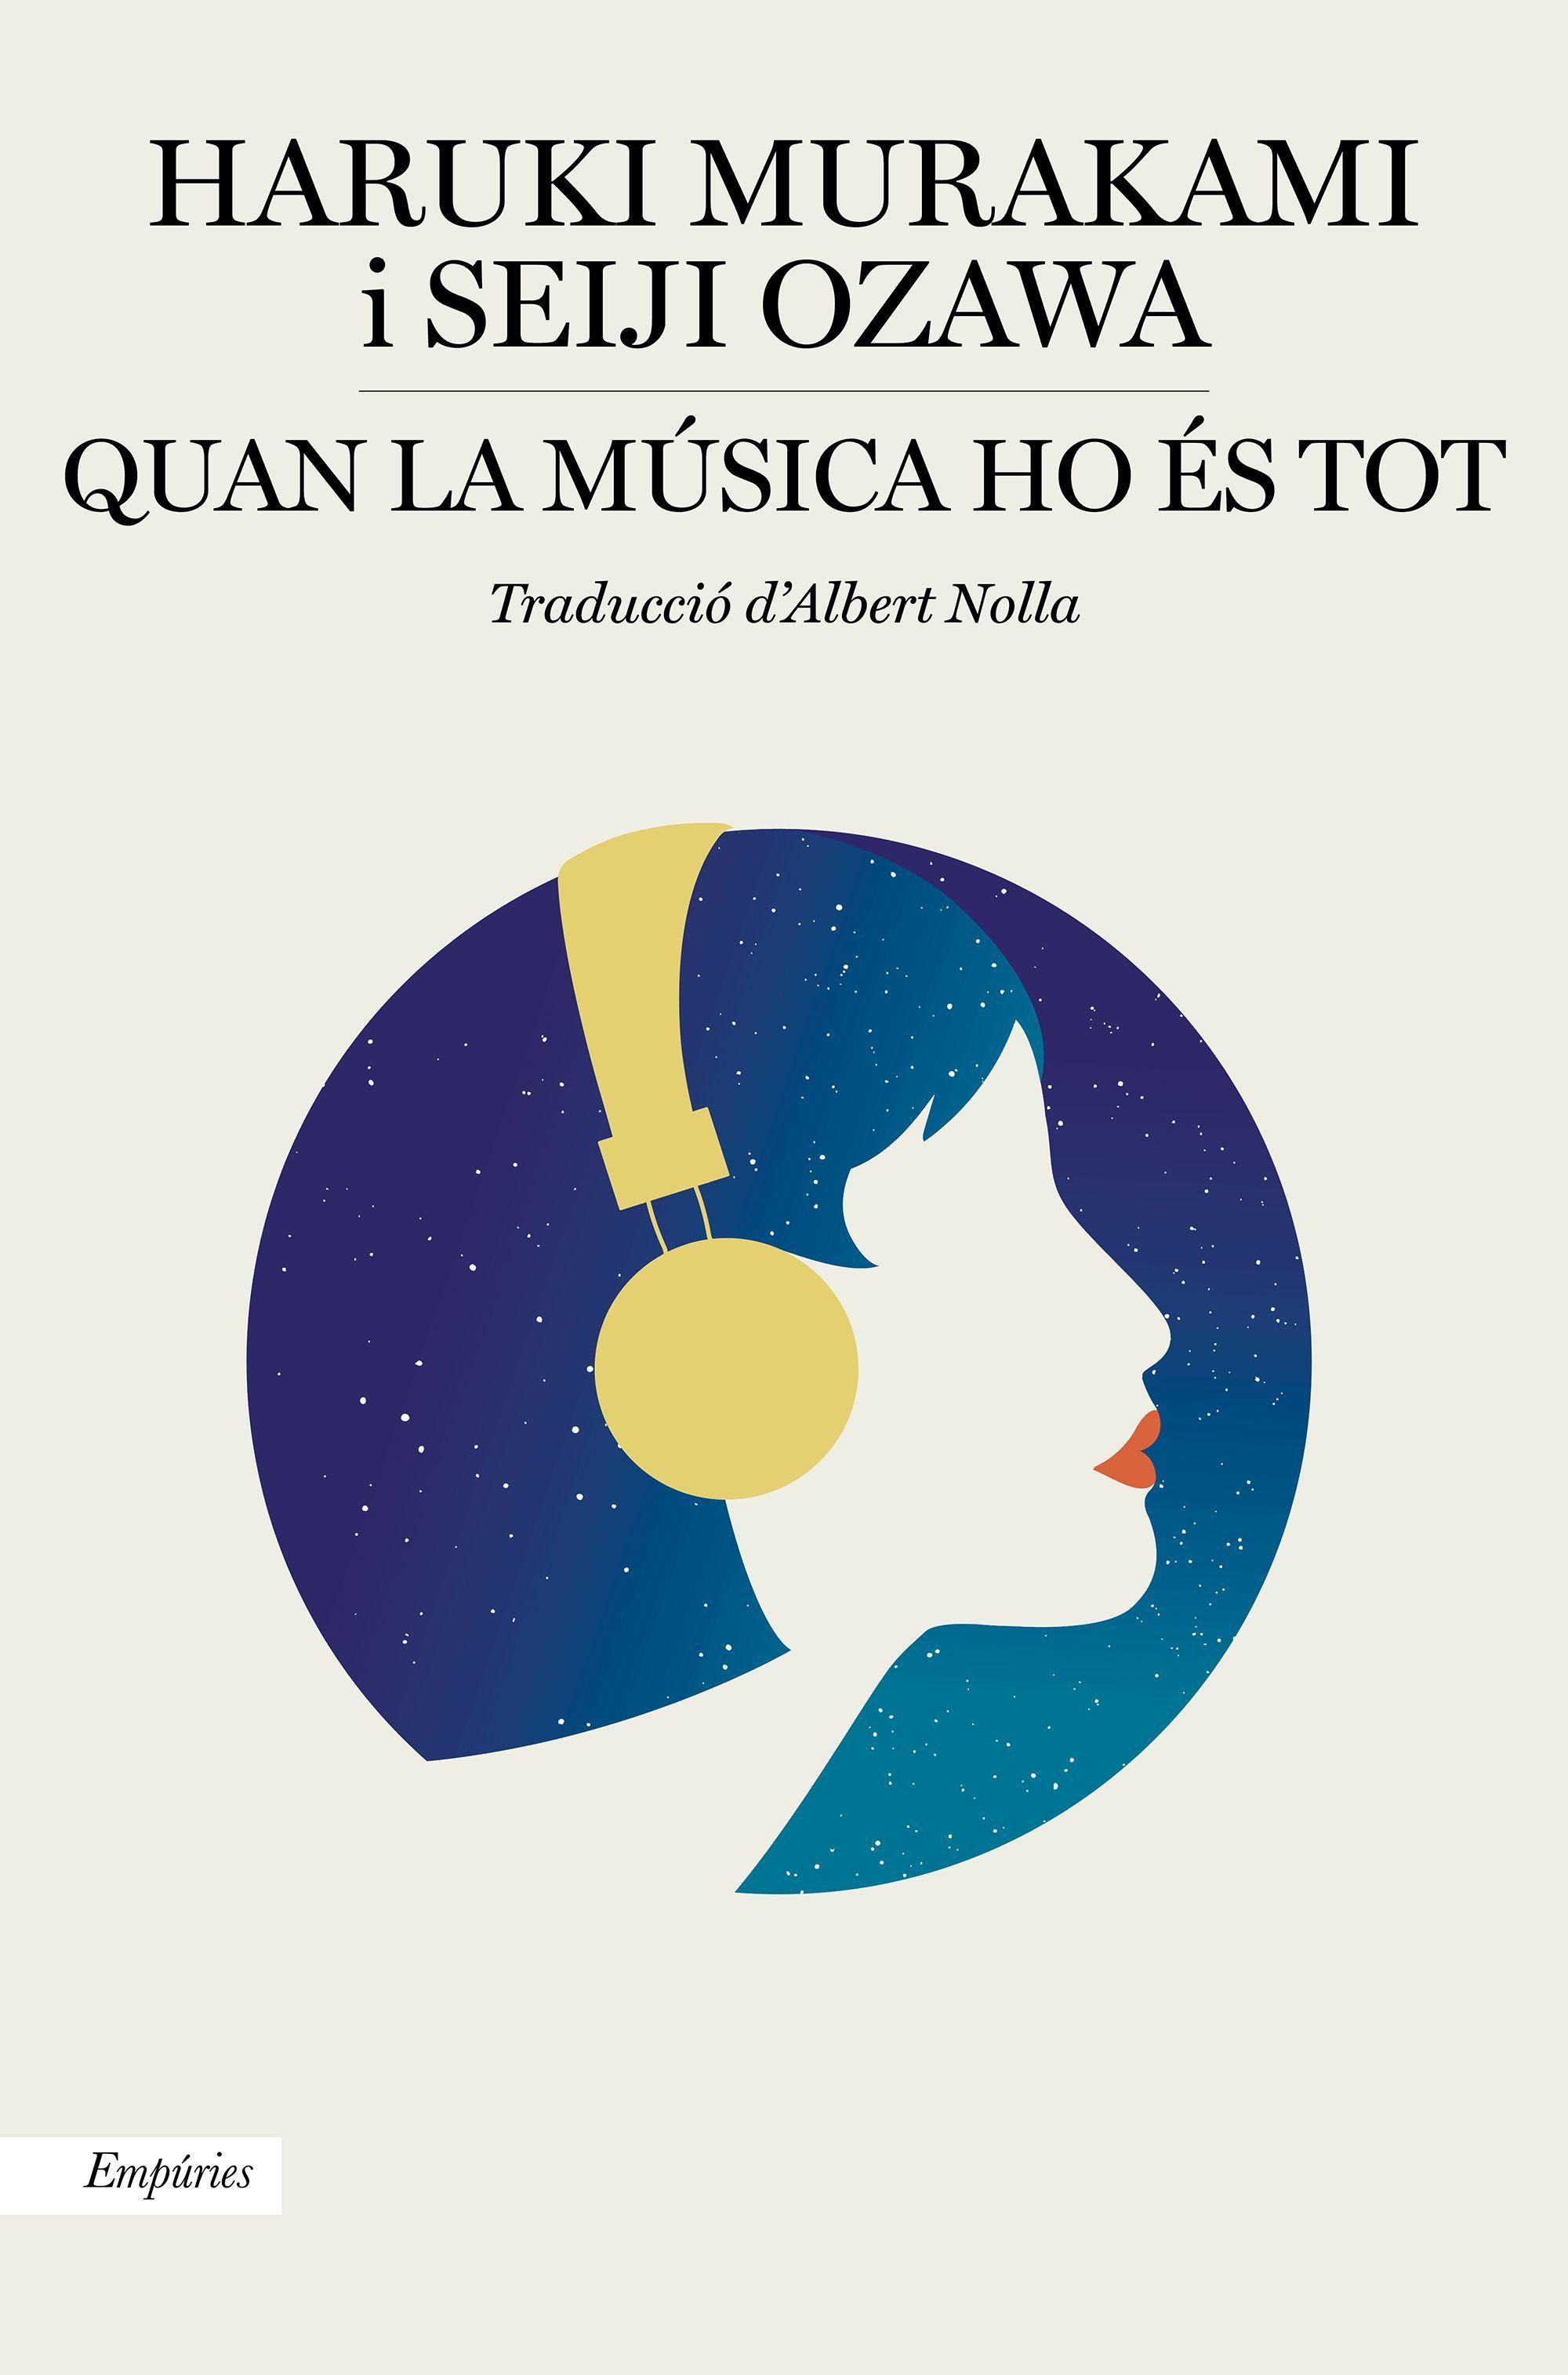 QUAN LA MUSICA HO ES TOT